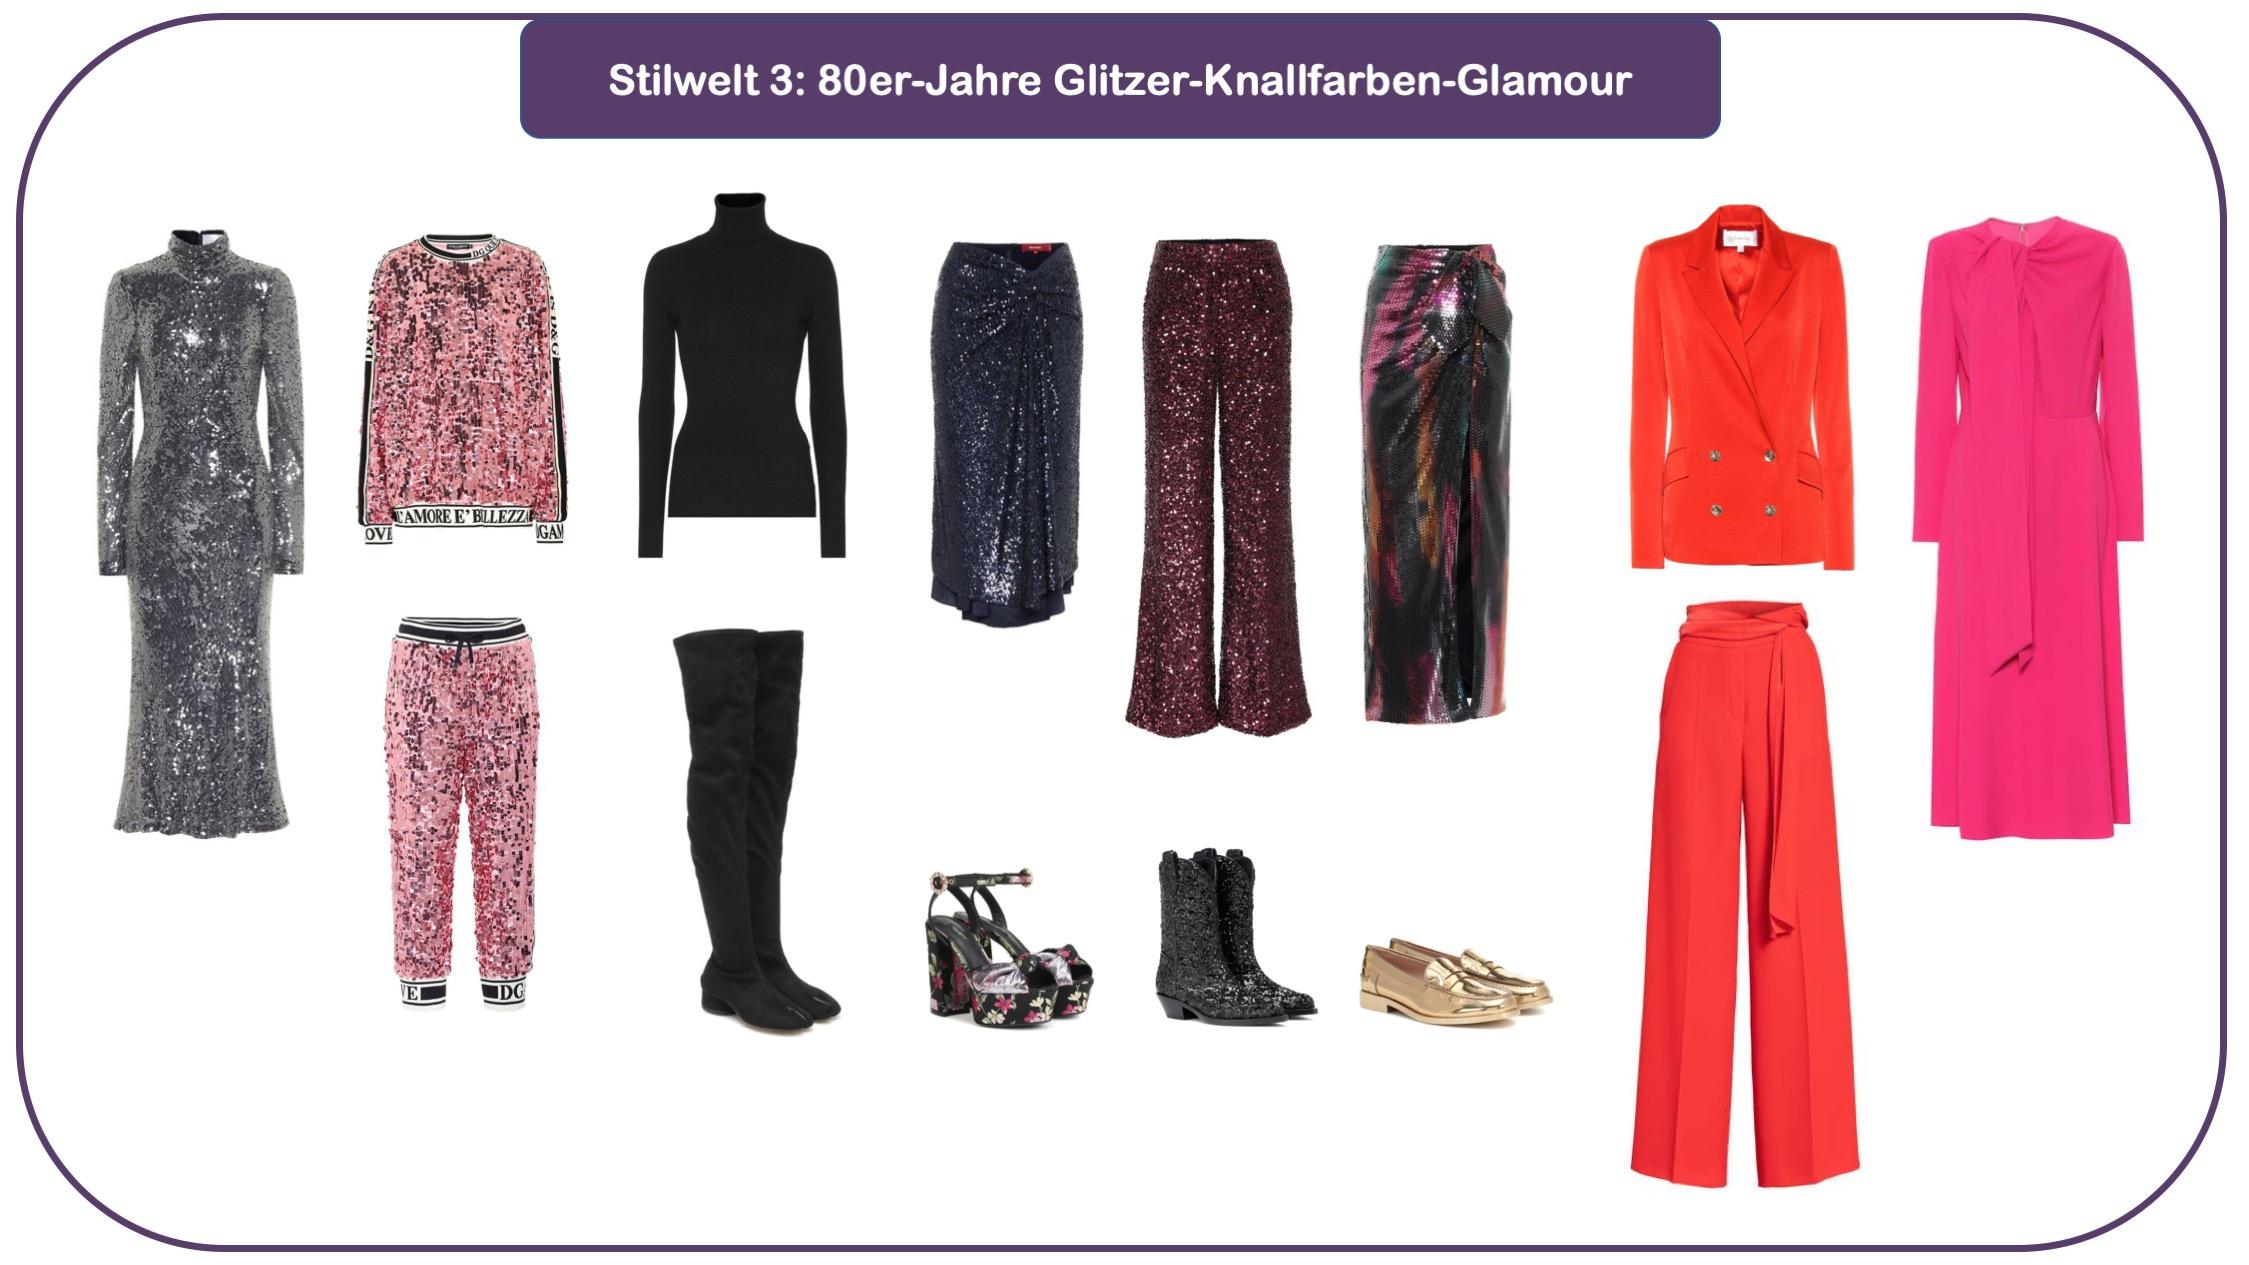 Modetrends für herbst und Winter 20/21 - Stilwelt 80er-Jahre-Glamour